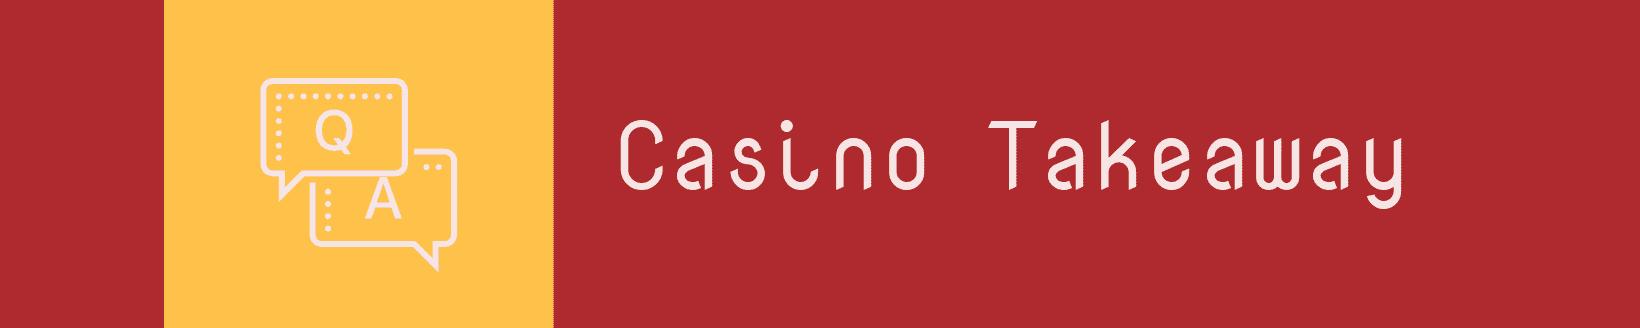 Casino Takeaway